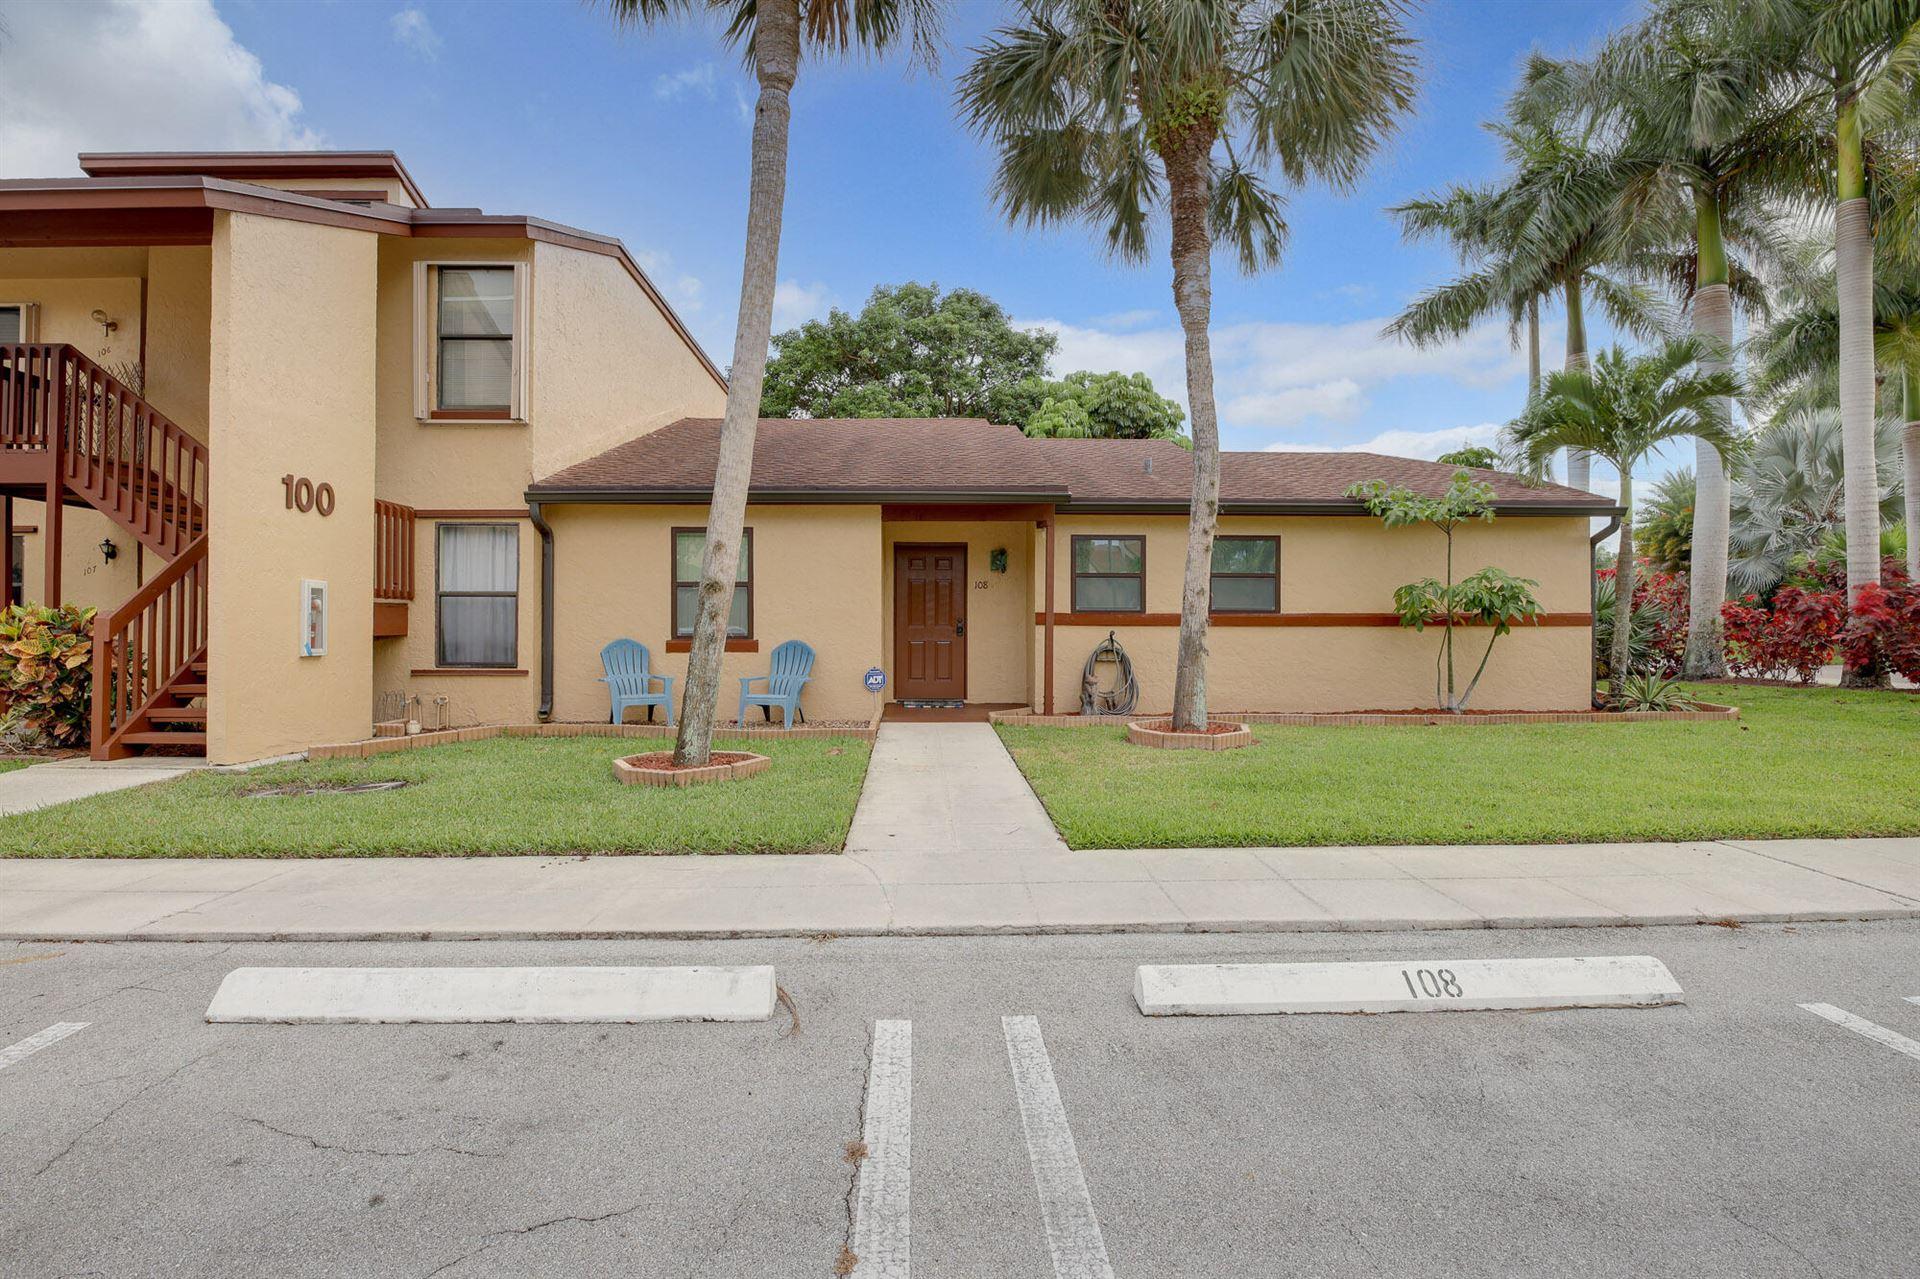 108 Lakeview Drive E, Royal Palm Beach, FL 33411 - #: RX-10726051